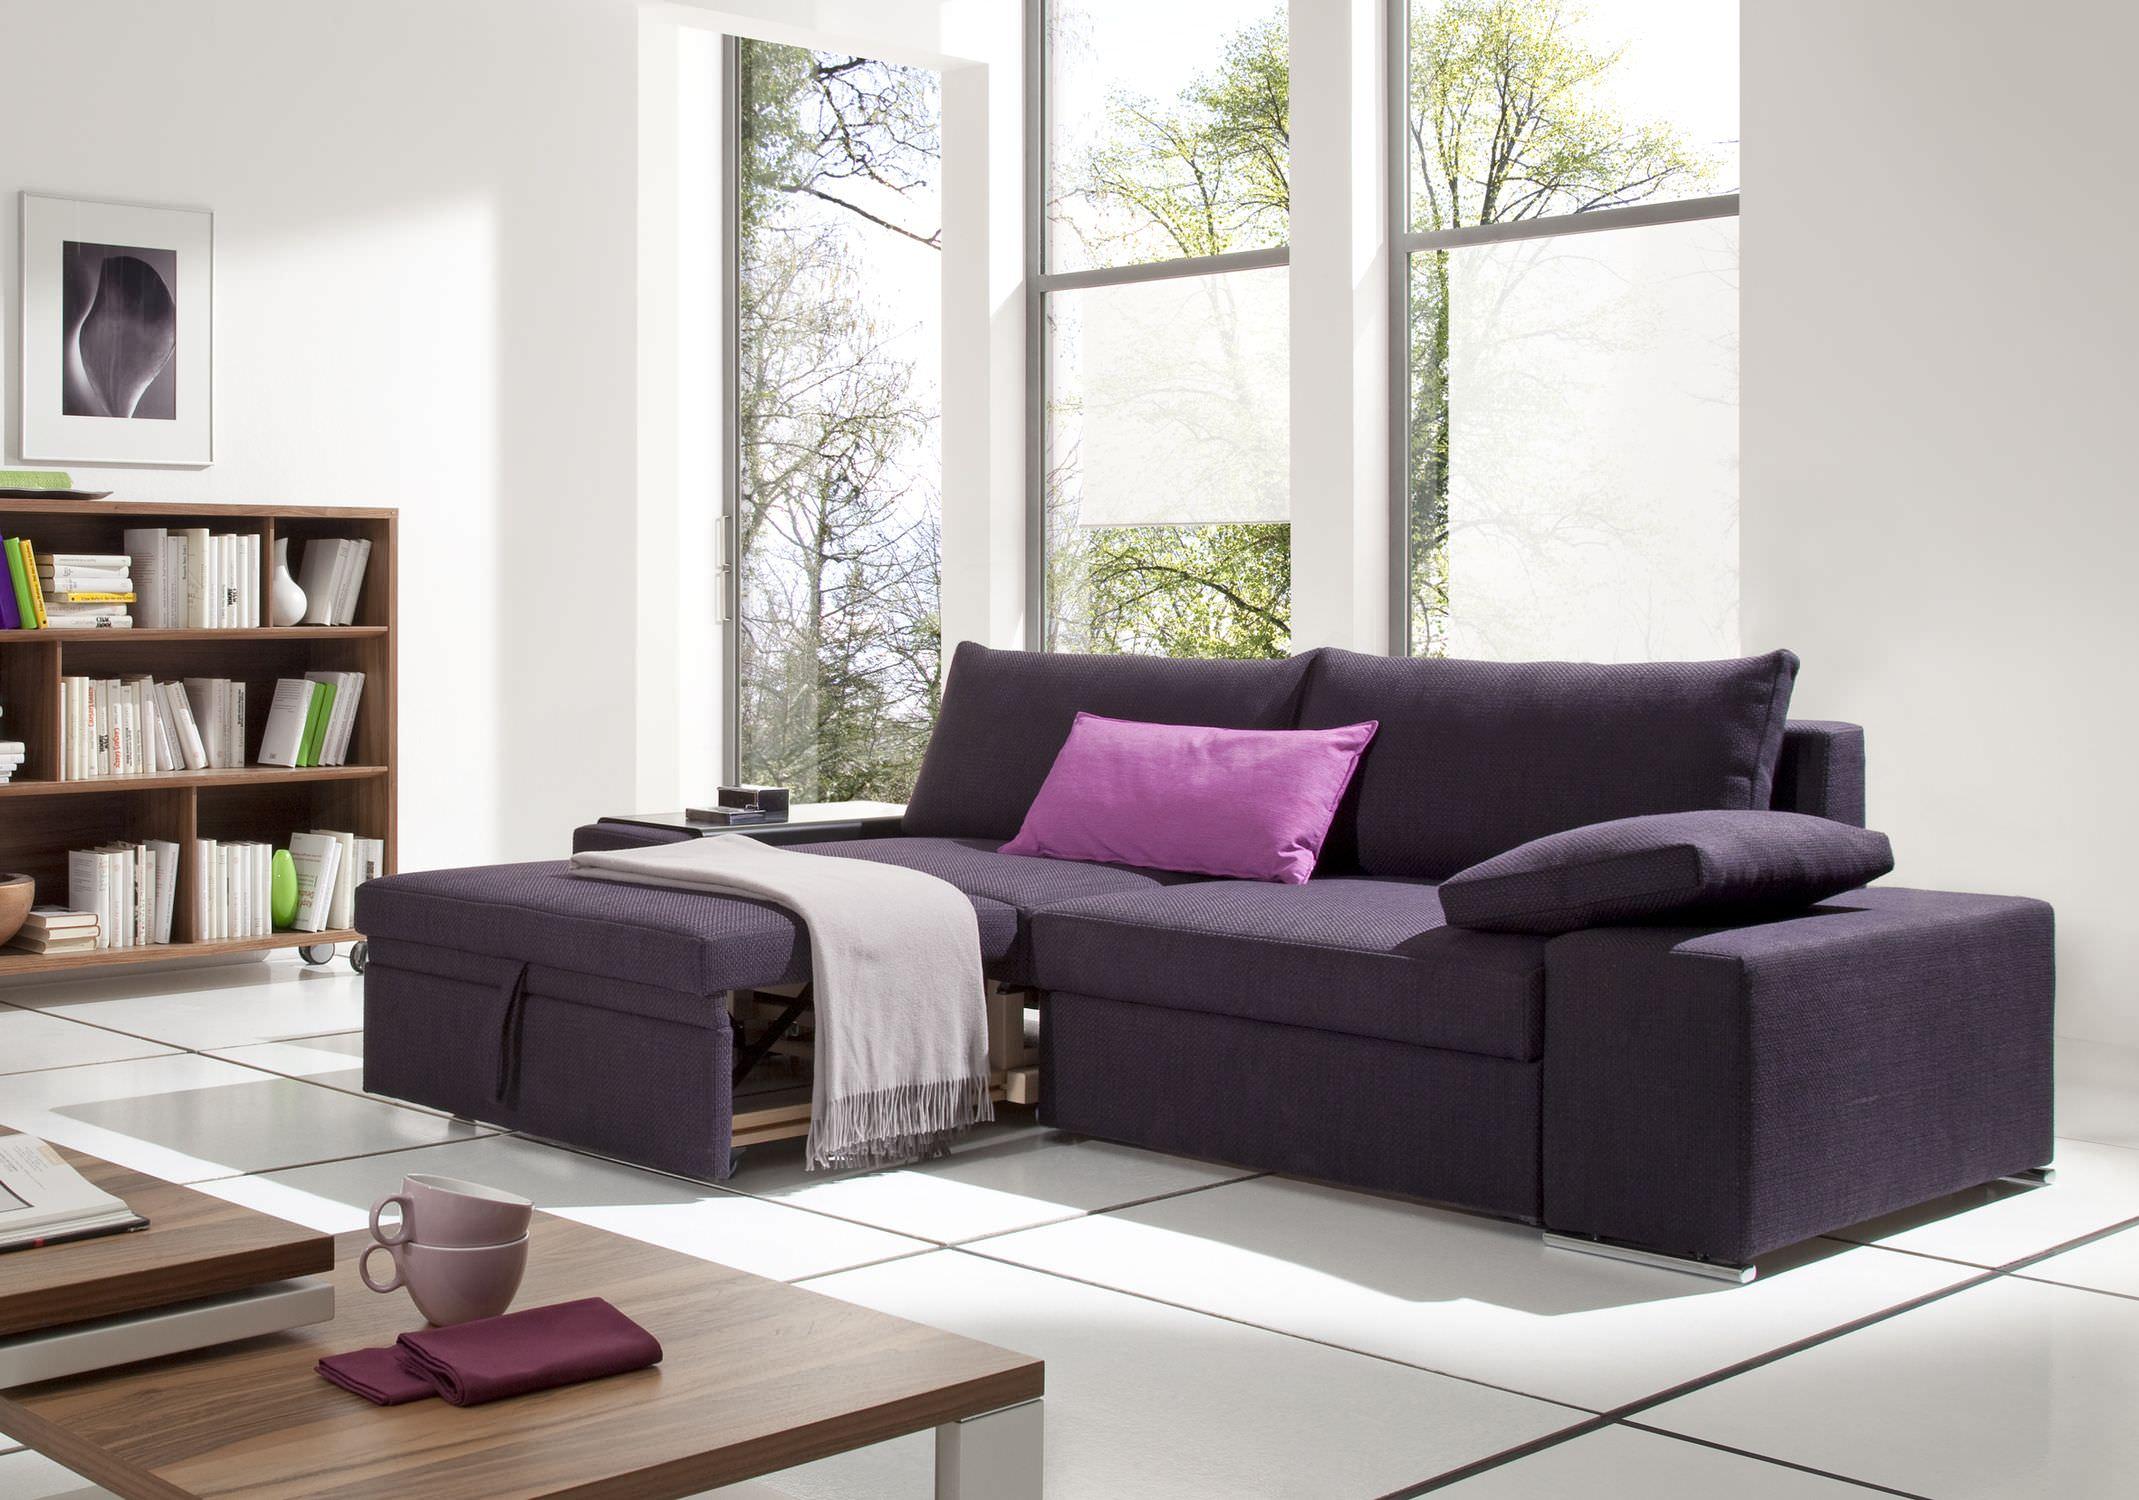 dom ca pohoda interier magaz n. Black Bedroom Furniture Sets. Home Design Ideas